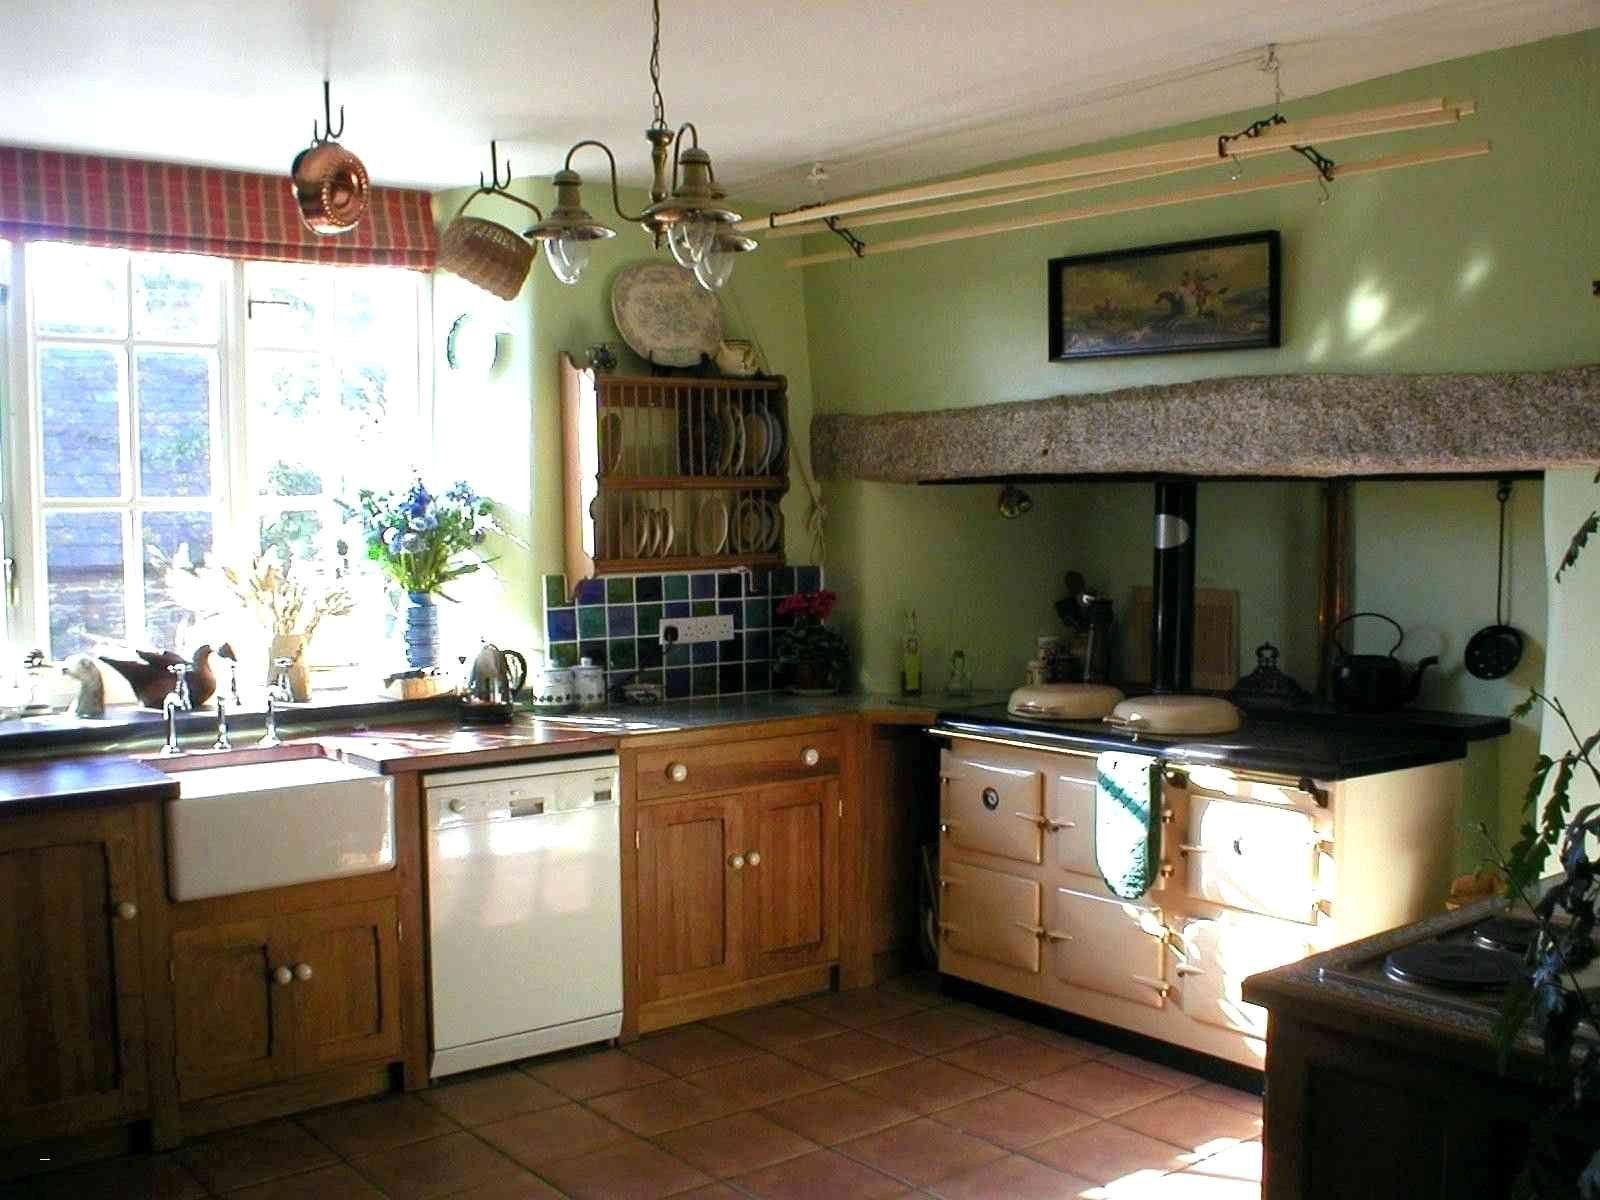 Unique Kitchen Cabinet Hardware Placement Simple Kitchen Design Farmhouse Kitchen Design Green Kitchen Walls